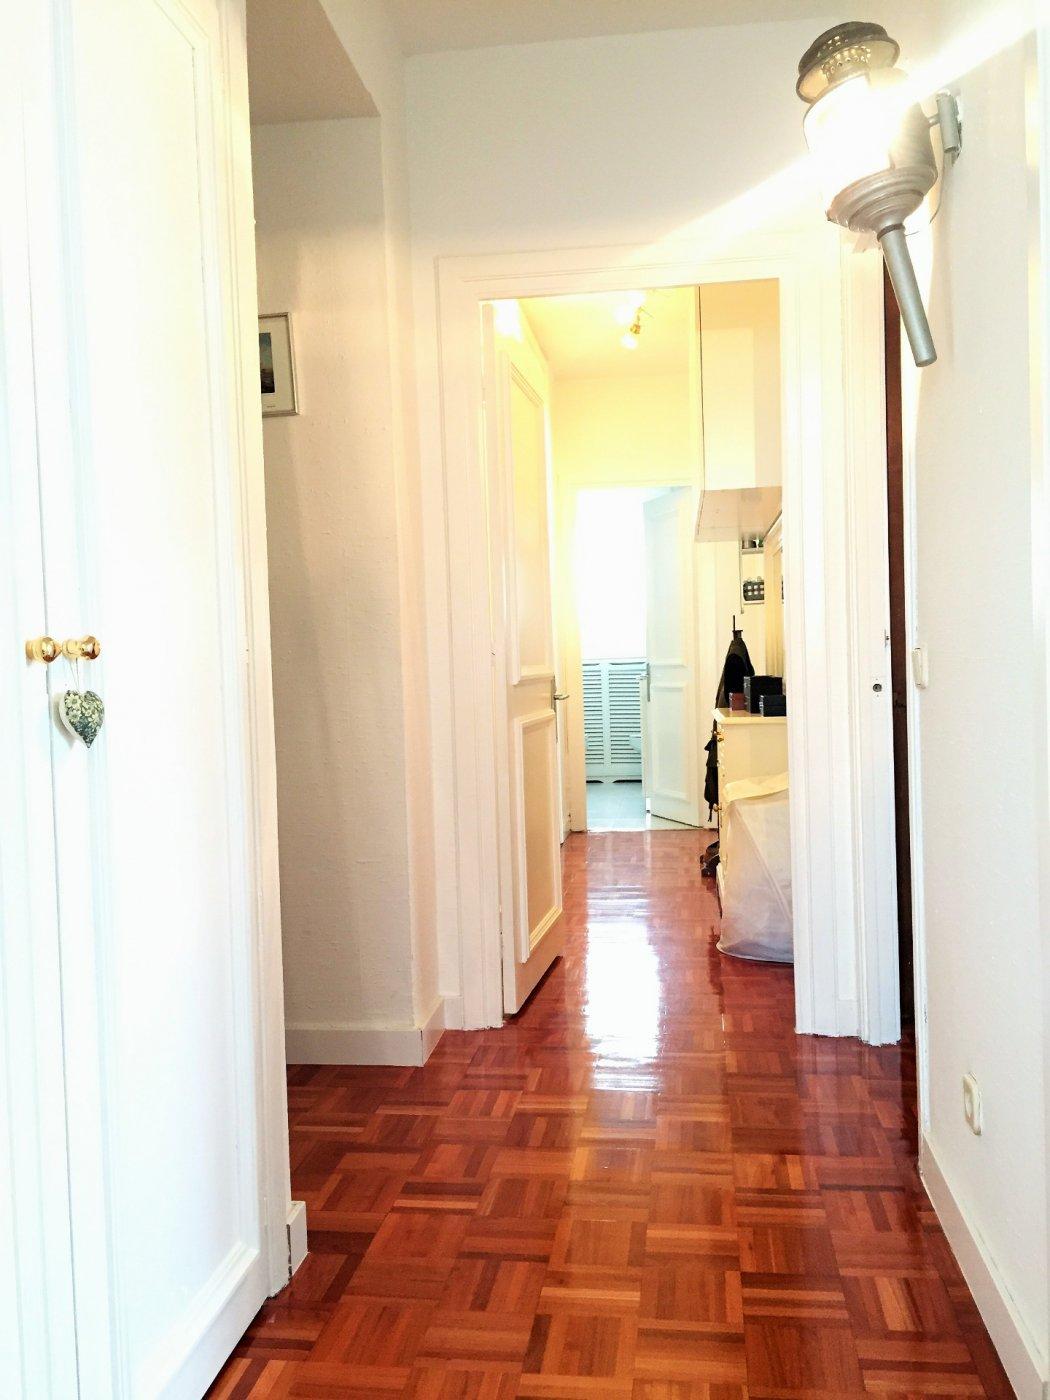 Venta de piso en madrid - imagenInmueble14